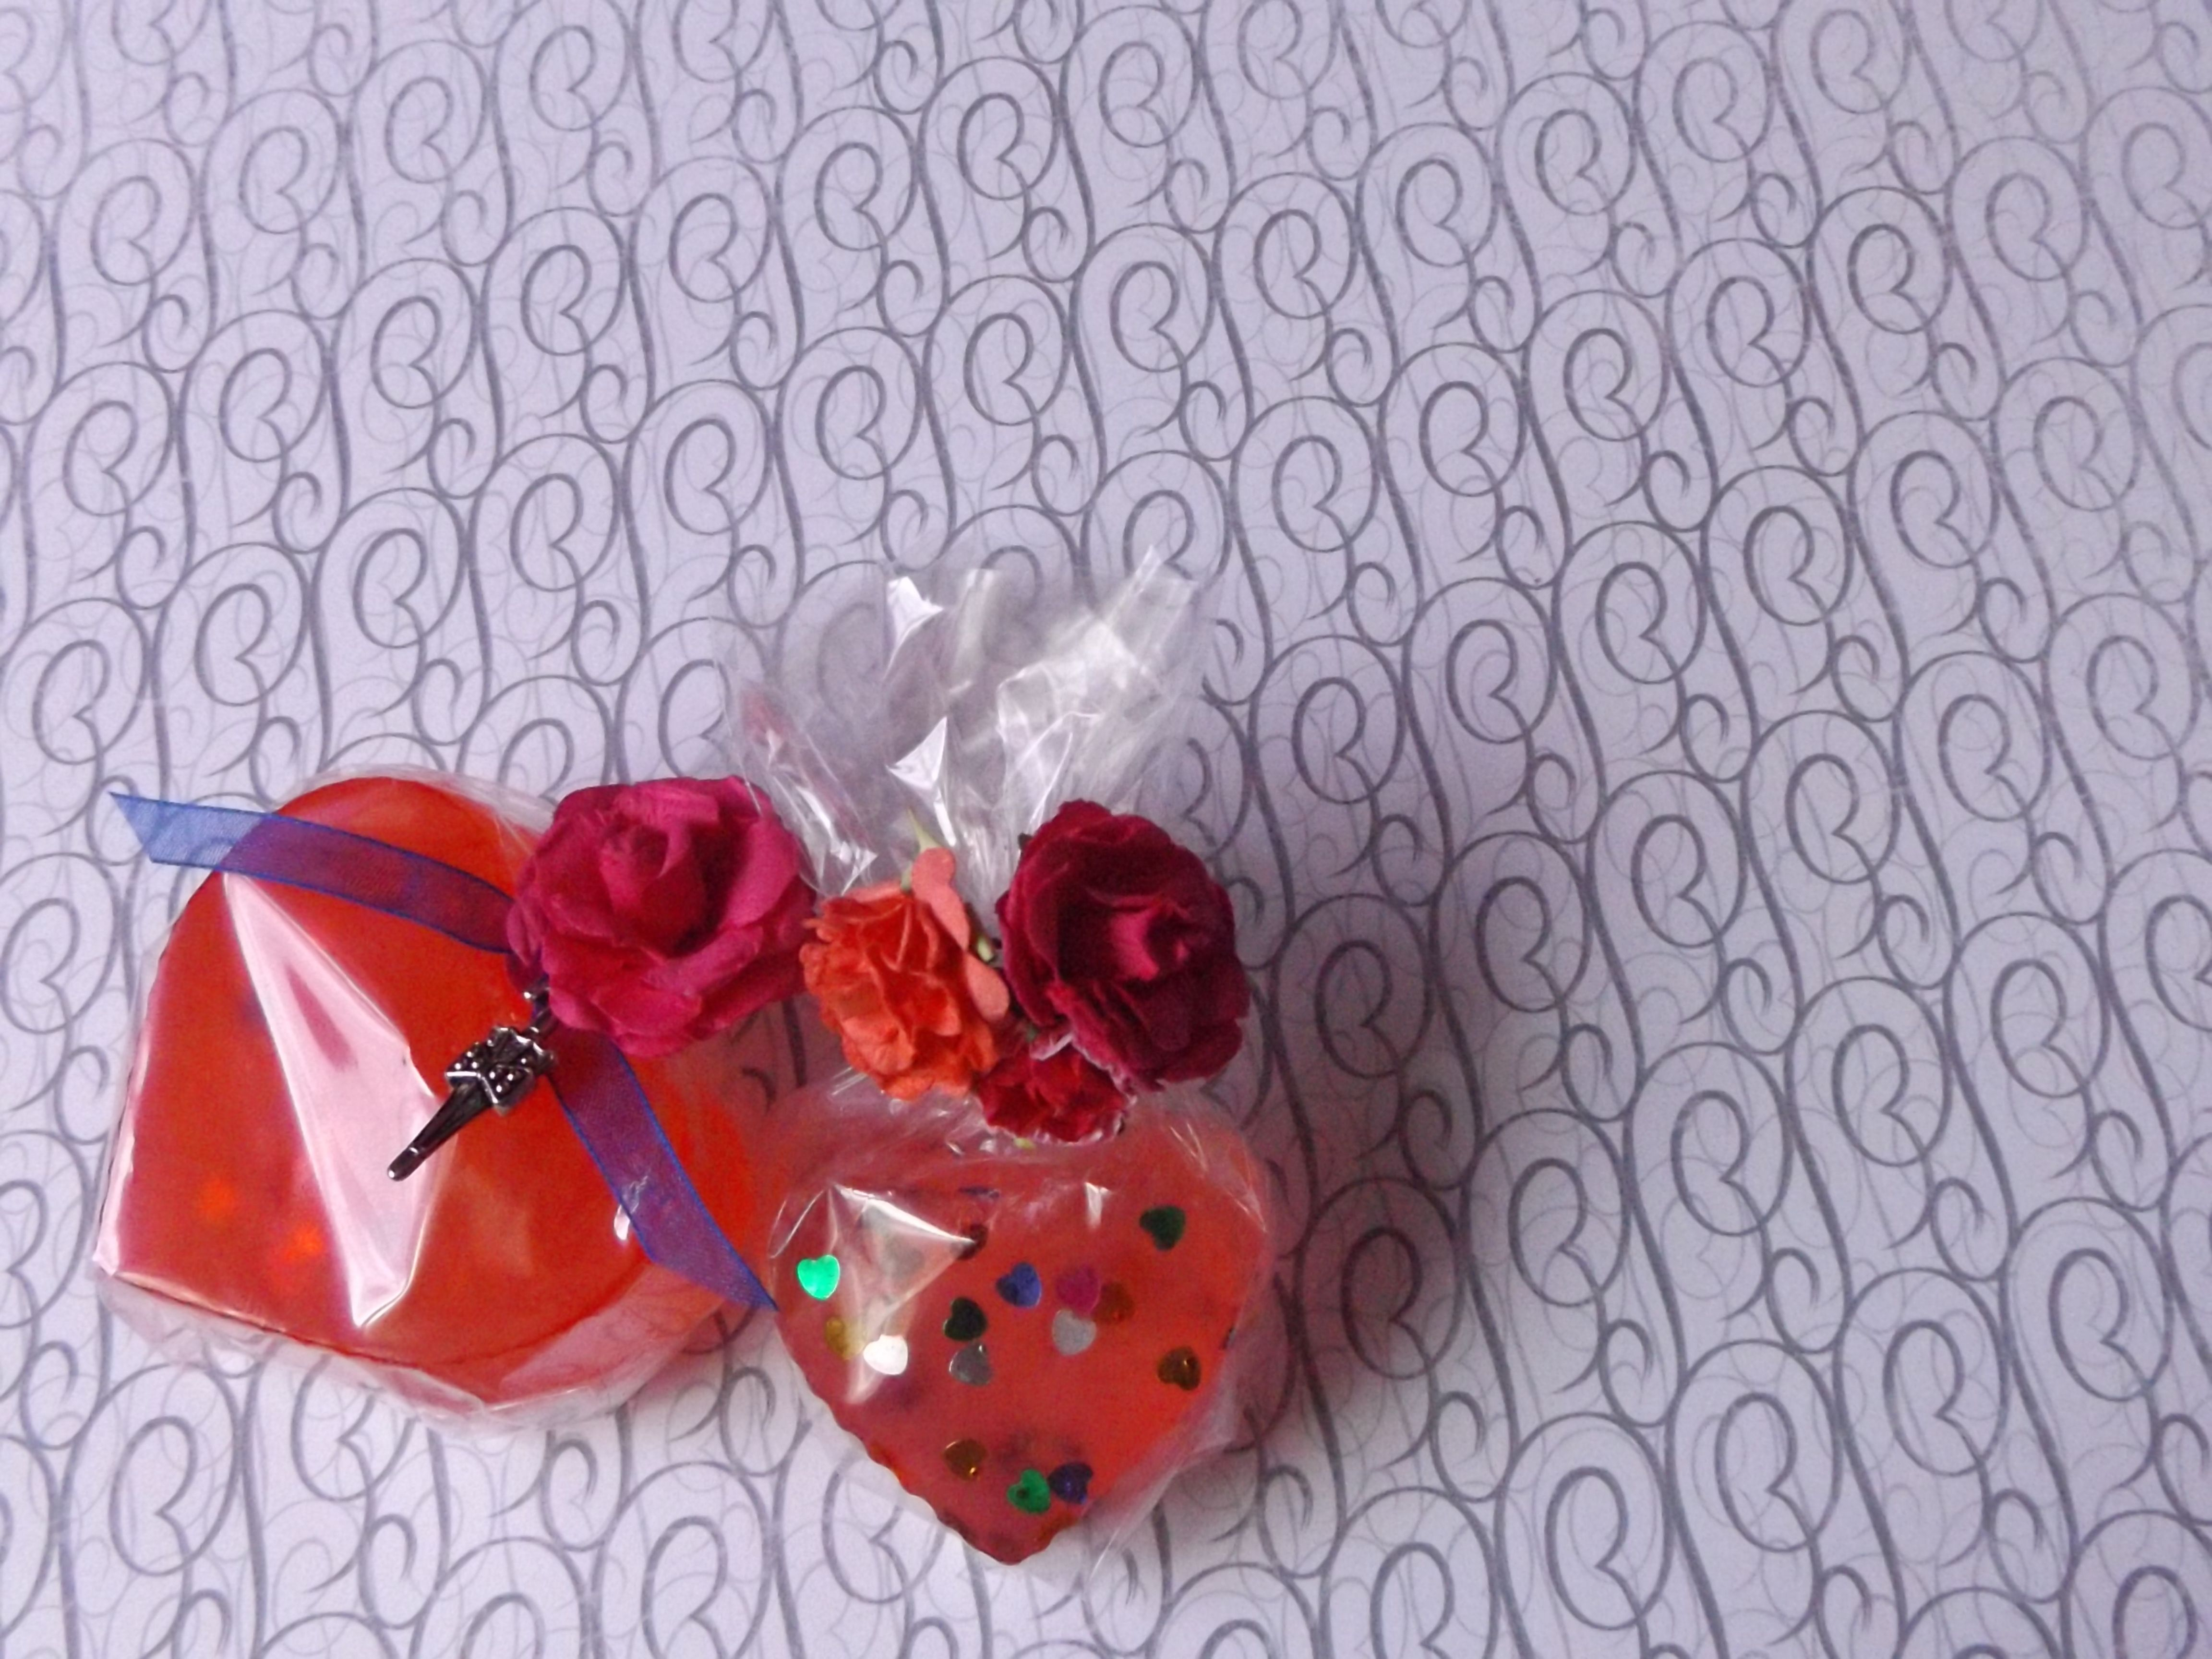 Mydełka glicerynowe wykonane własnoręcznie z dzieciaczkami :) http://kreatywnie-i-wesolo.blogspot.com/2015/02/mydeka-glicerynowe-krok-po-kroku_26.html